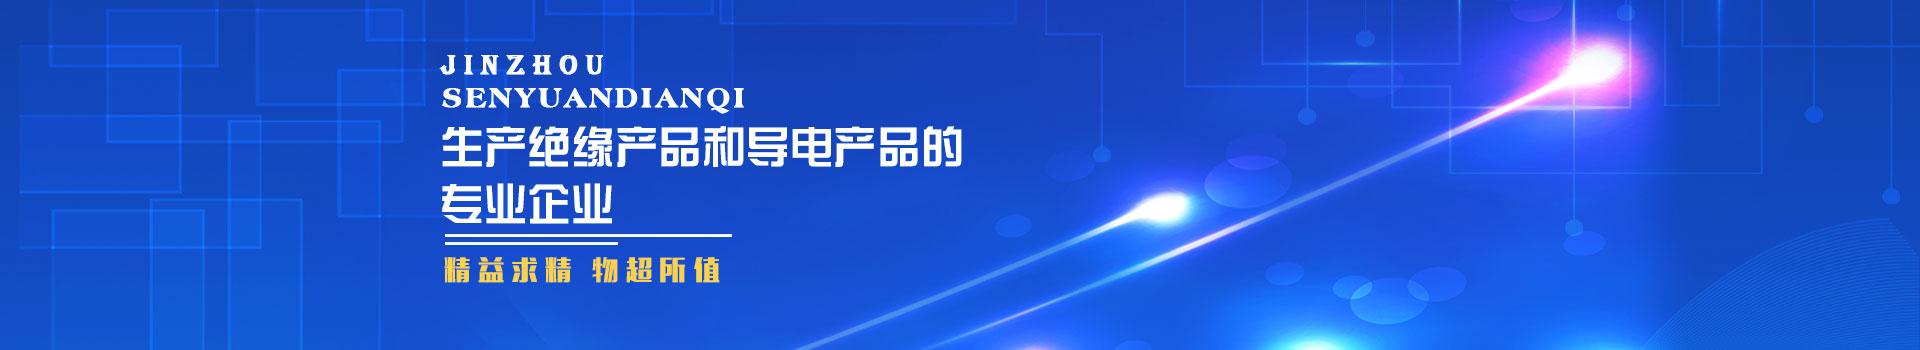 http://www.jzsydq.cn/data/images/slide/20190730103935_935.jpg